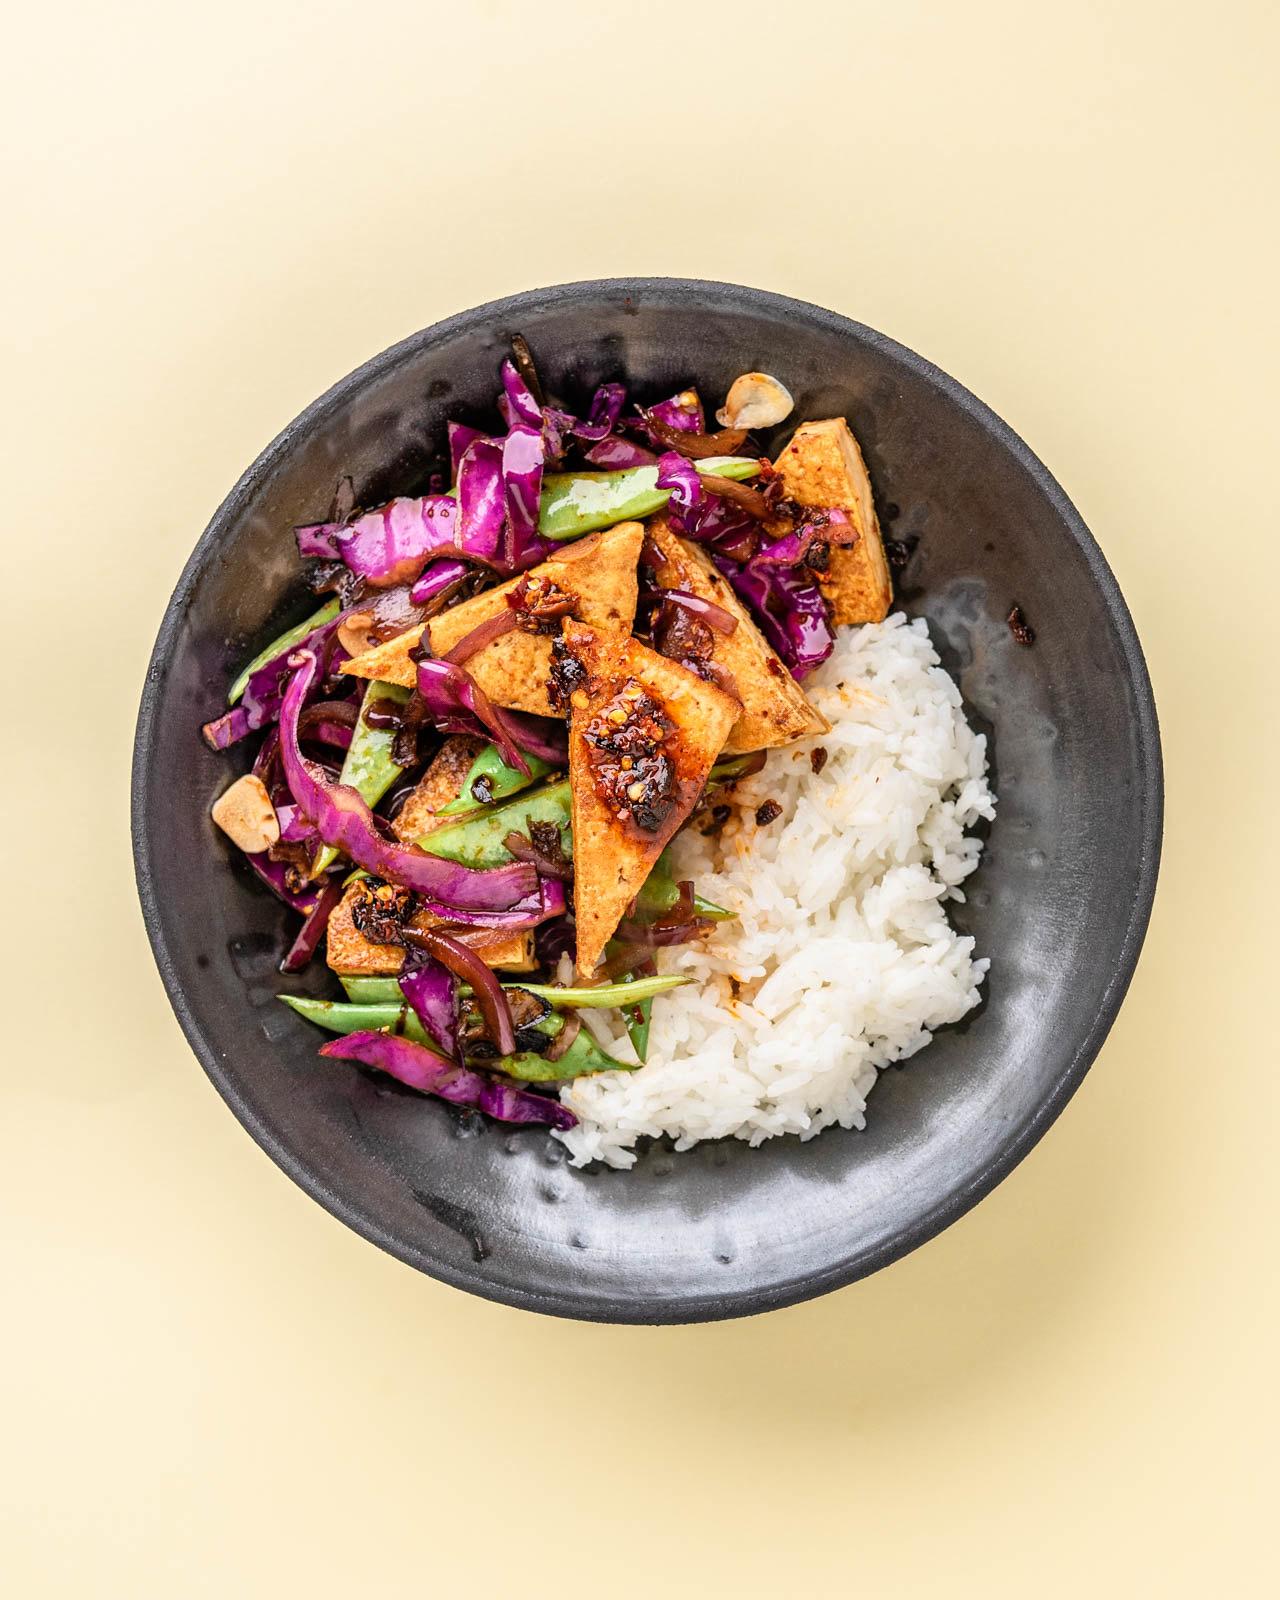 sichuan-stir-fry